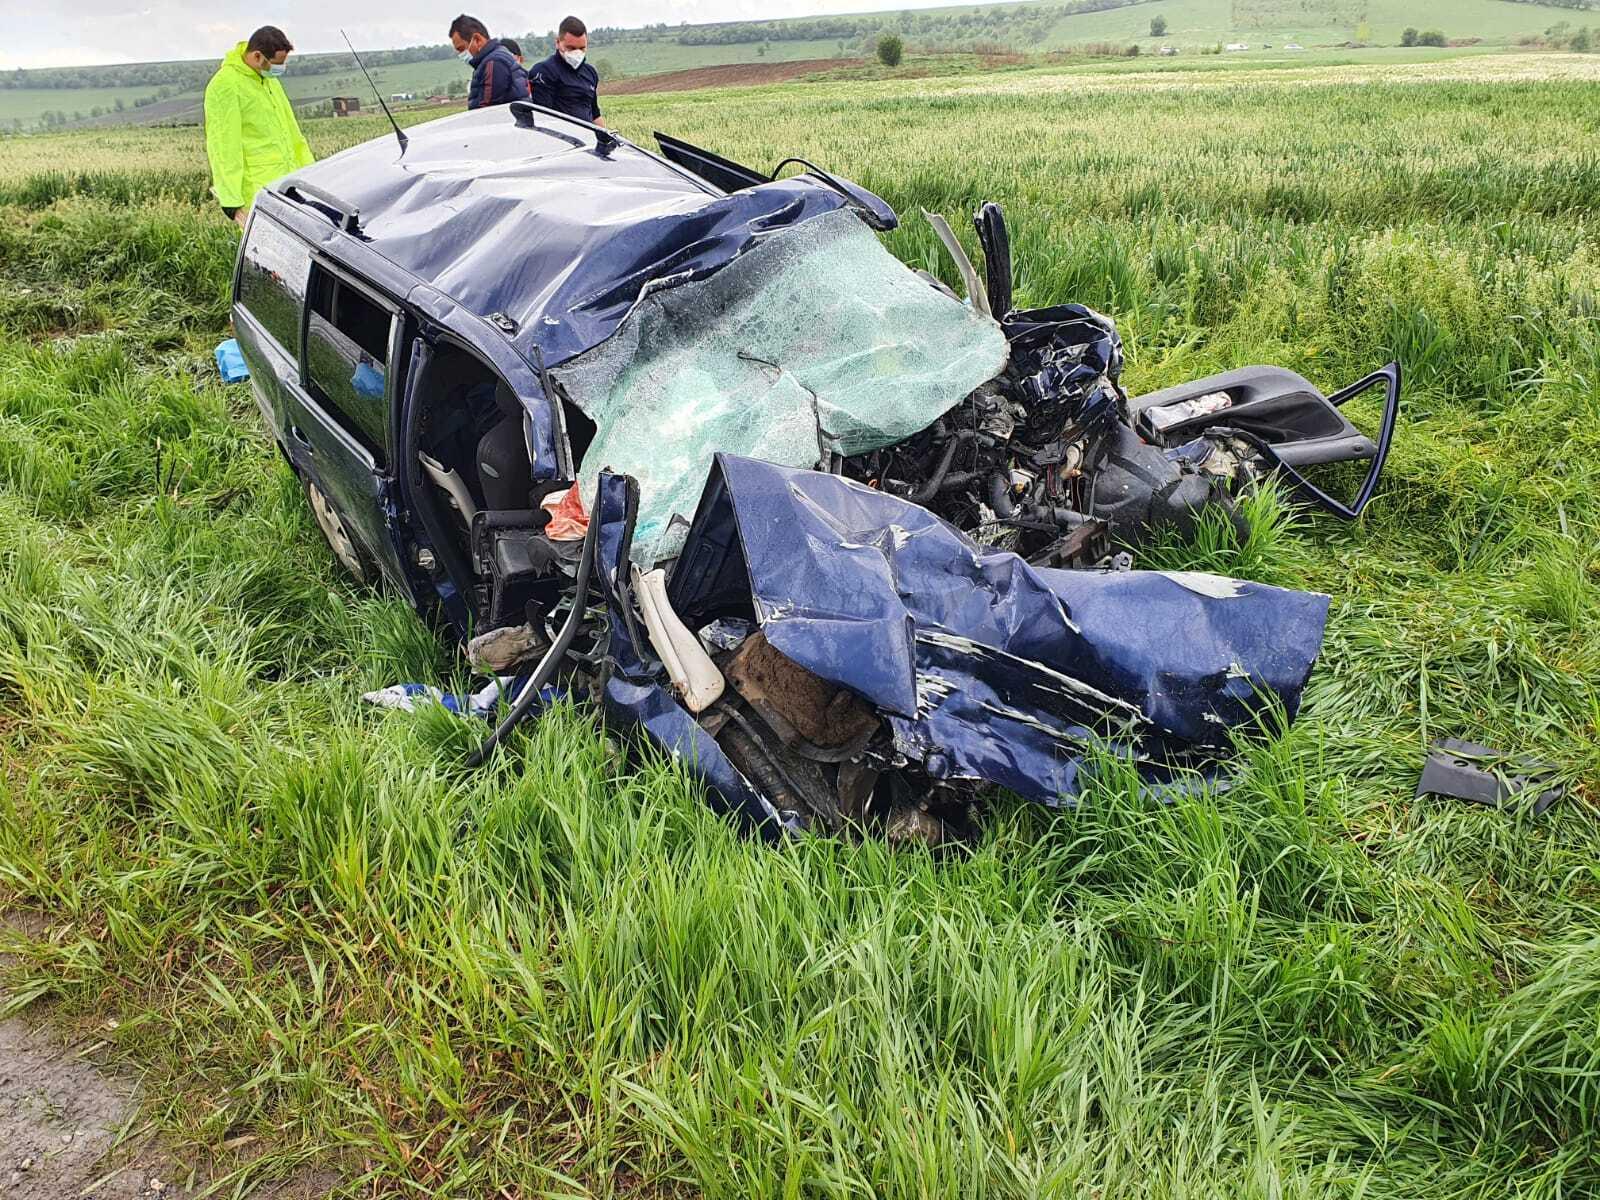 FOTO și VIDEO. Accident grav în județul Brașov, între o mașină și un TIR. Patru persoane au murit